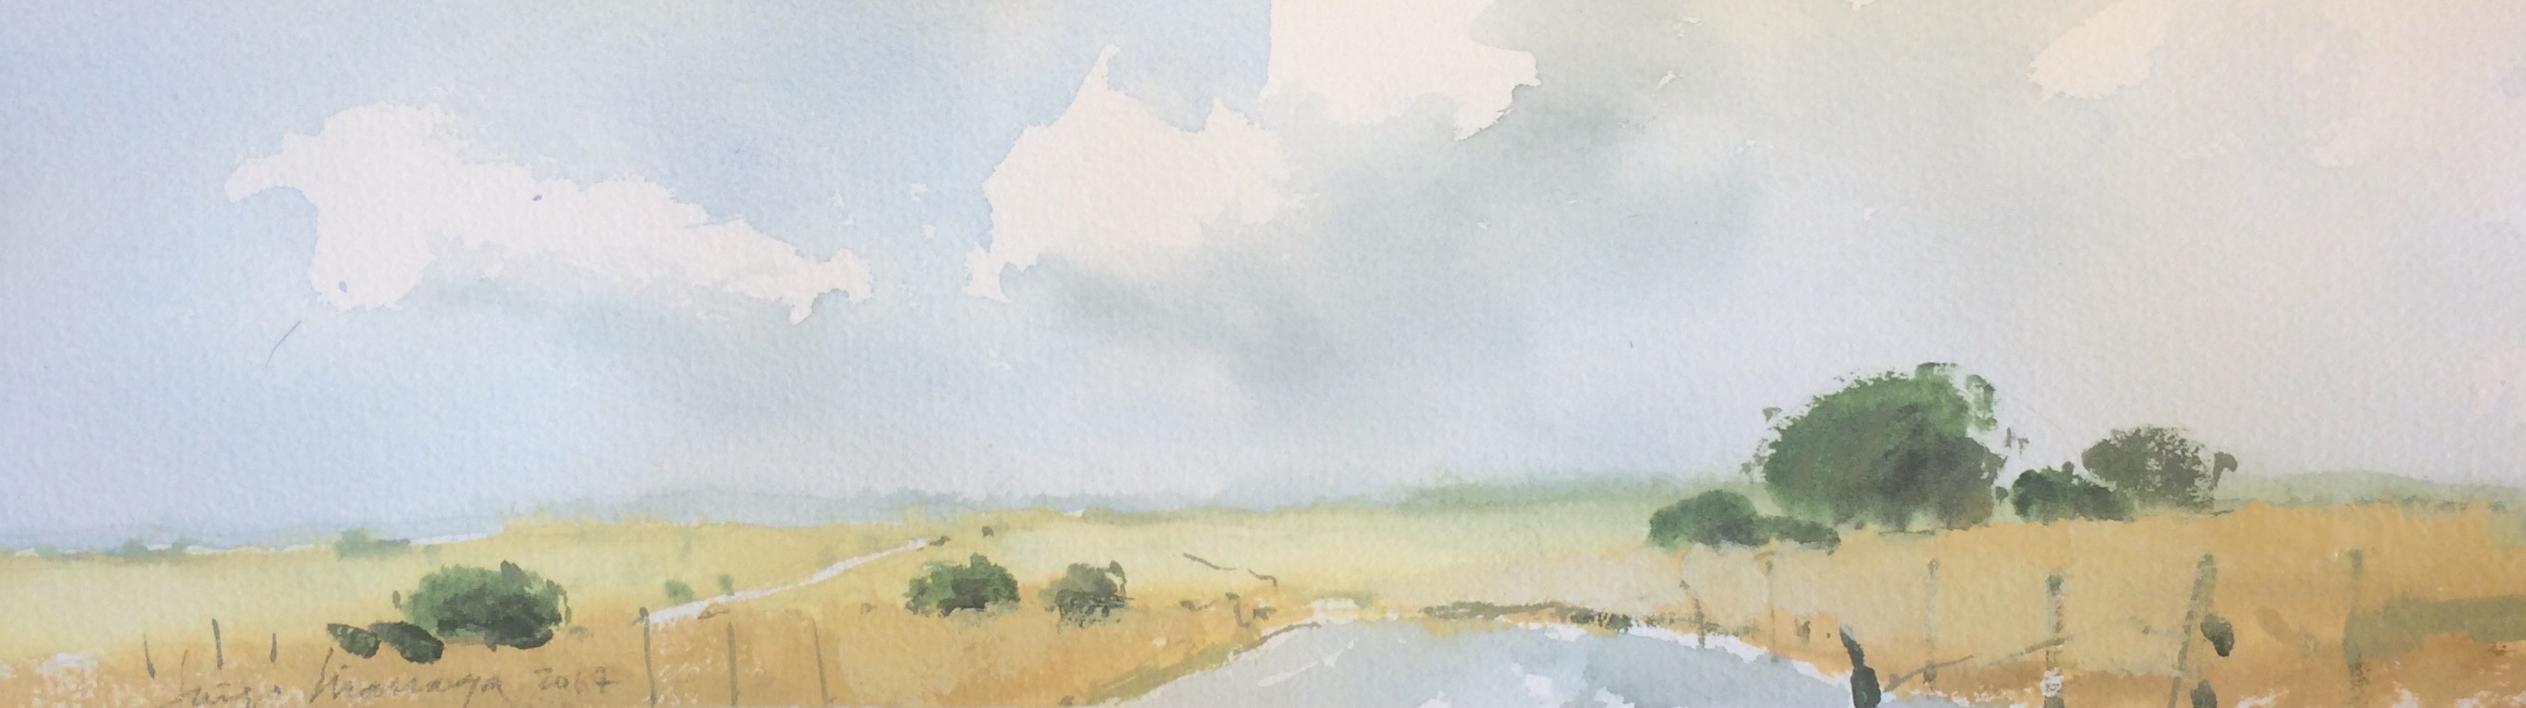 Carretera secundaria 2 |Pintura de Iñigo Lizarraga | Compra arte en Flecha.es